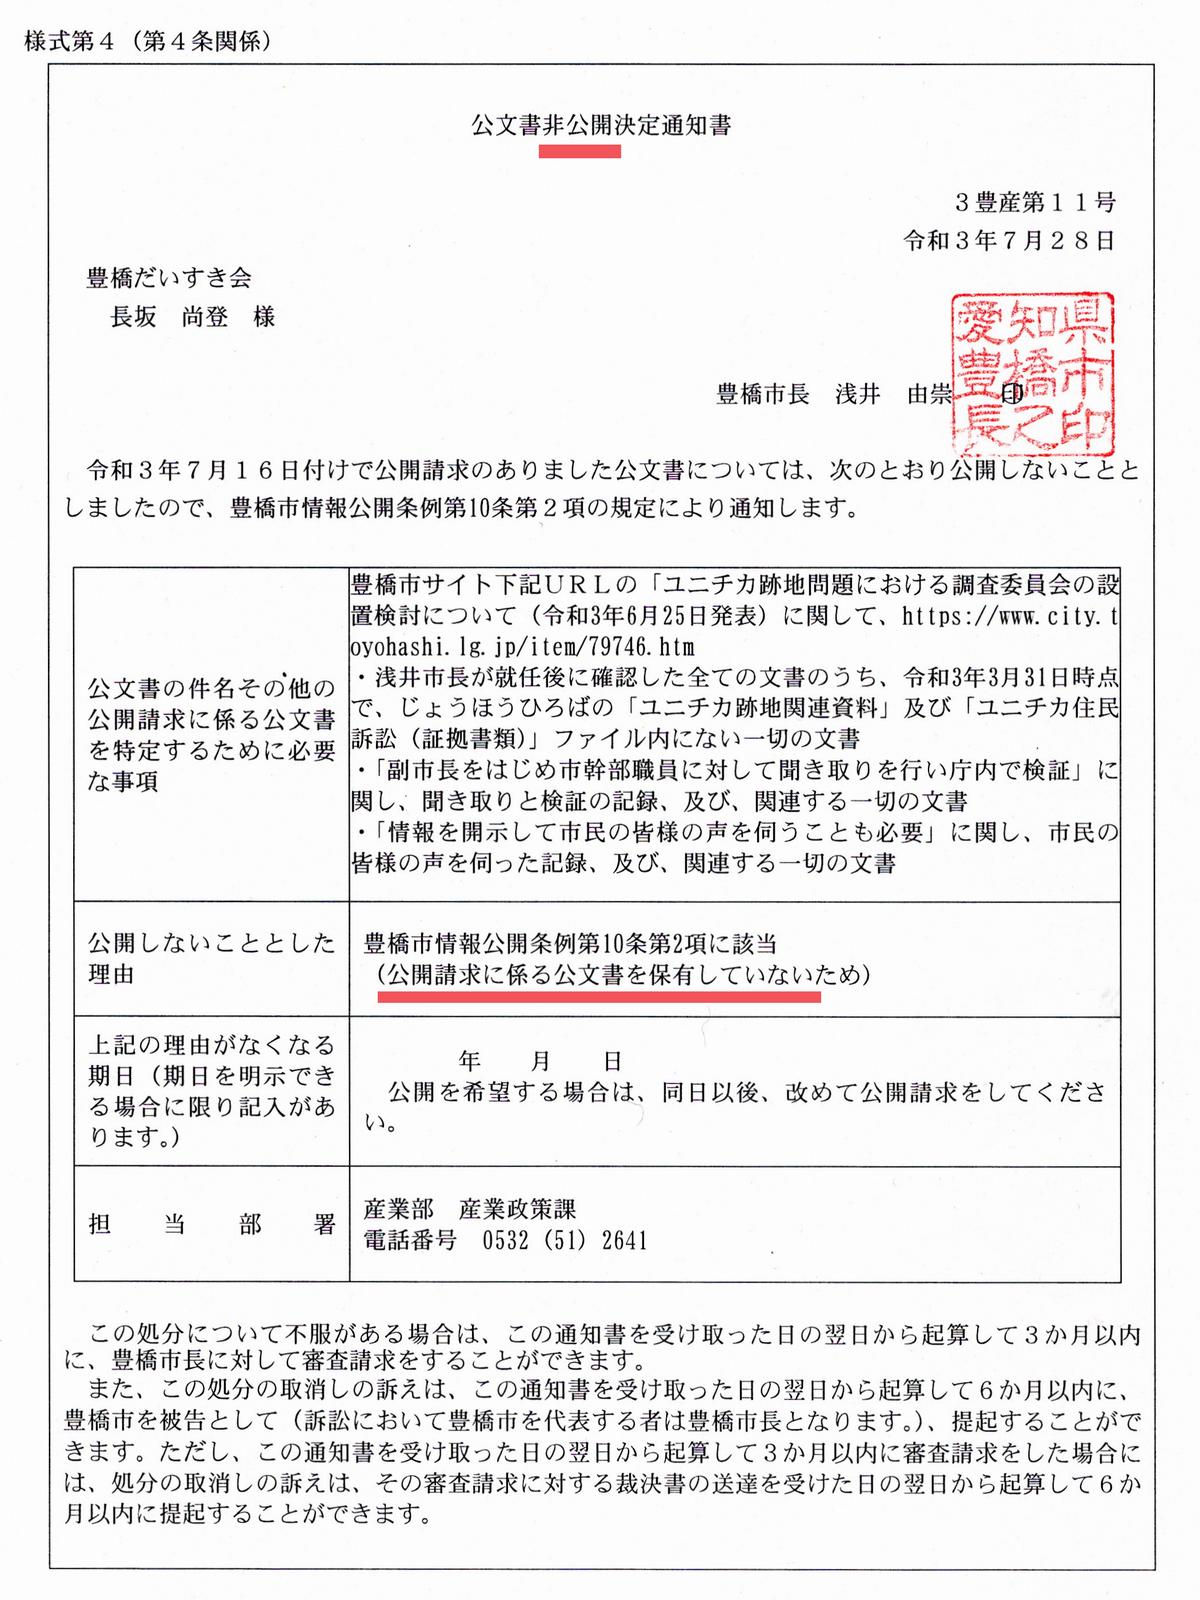 210729_210728_johokokai